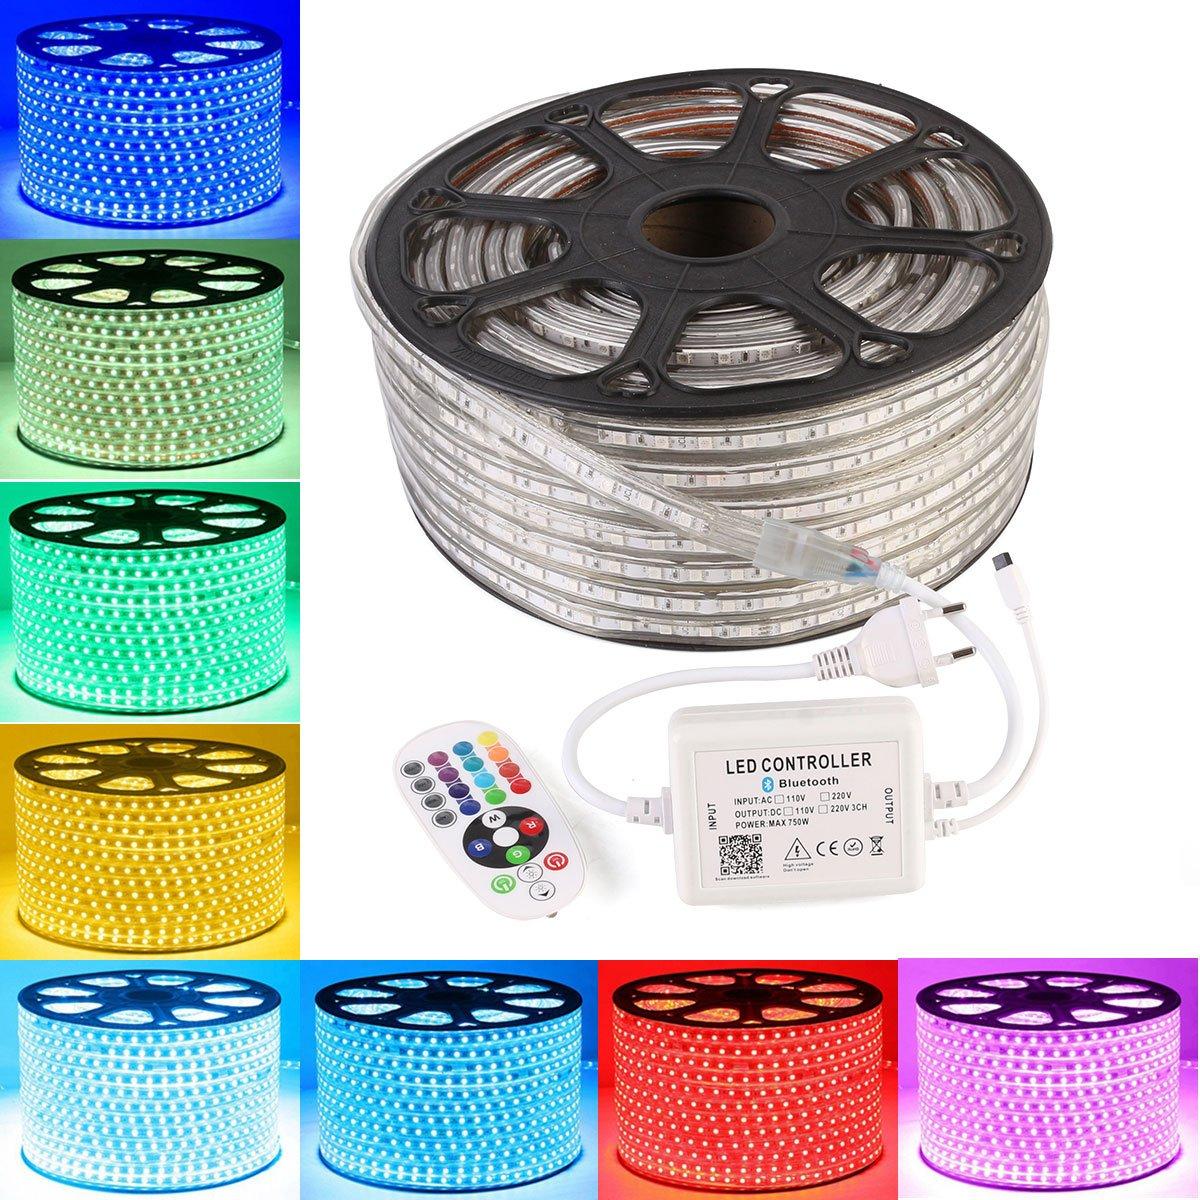 GreenSun 20M Ruban LED Lumineuse Etanche RGB Multicolore SMD 5050 LED avec Changement de Couleur Flexible Bande éclairage 720W Bluetooth télécommande 24 Touches